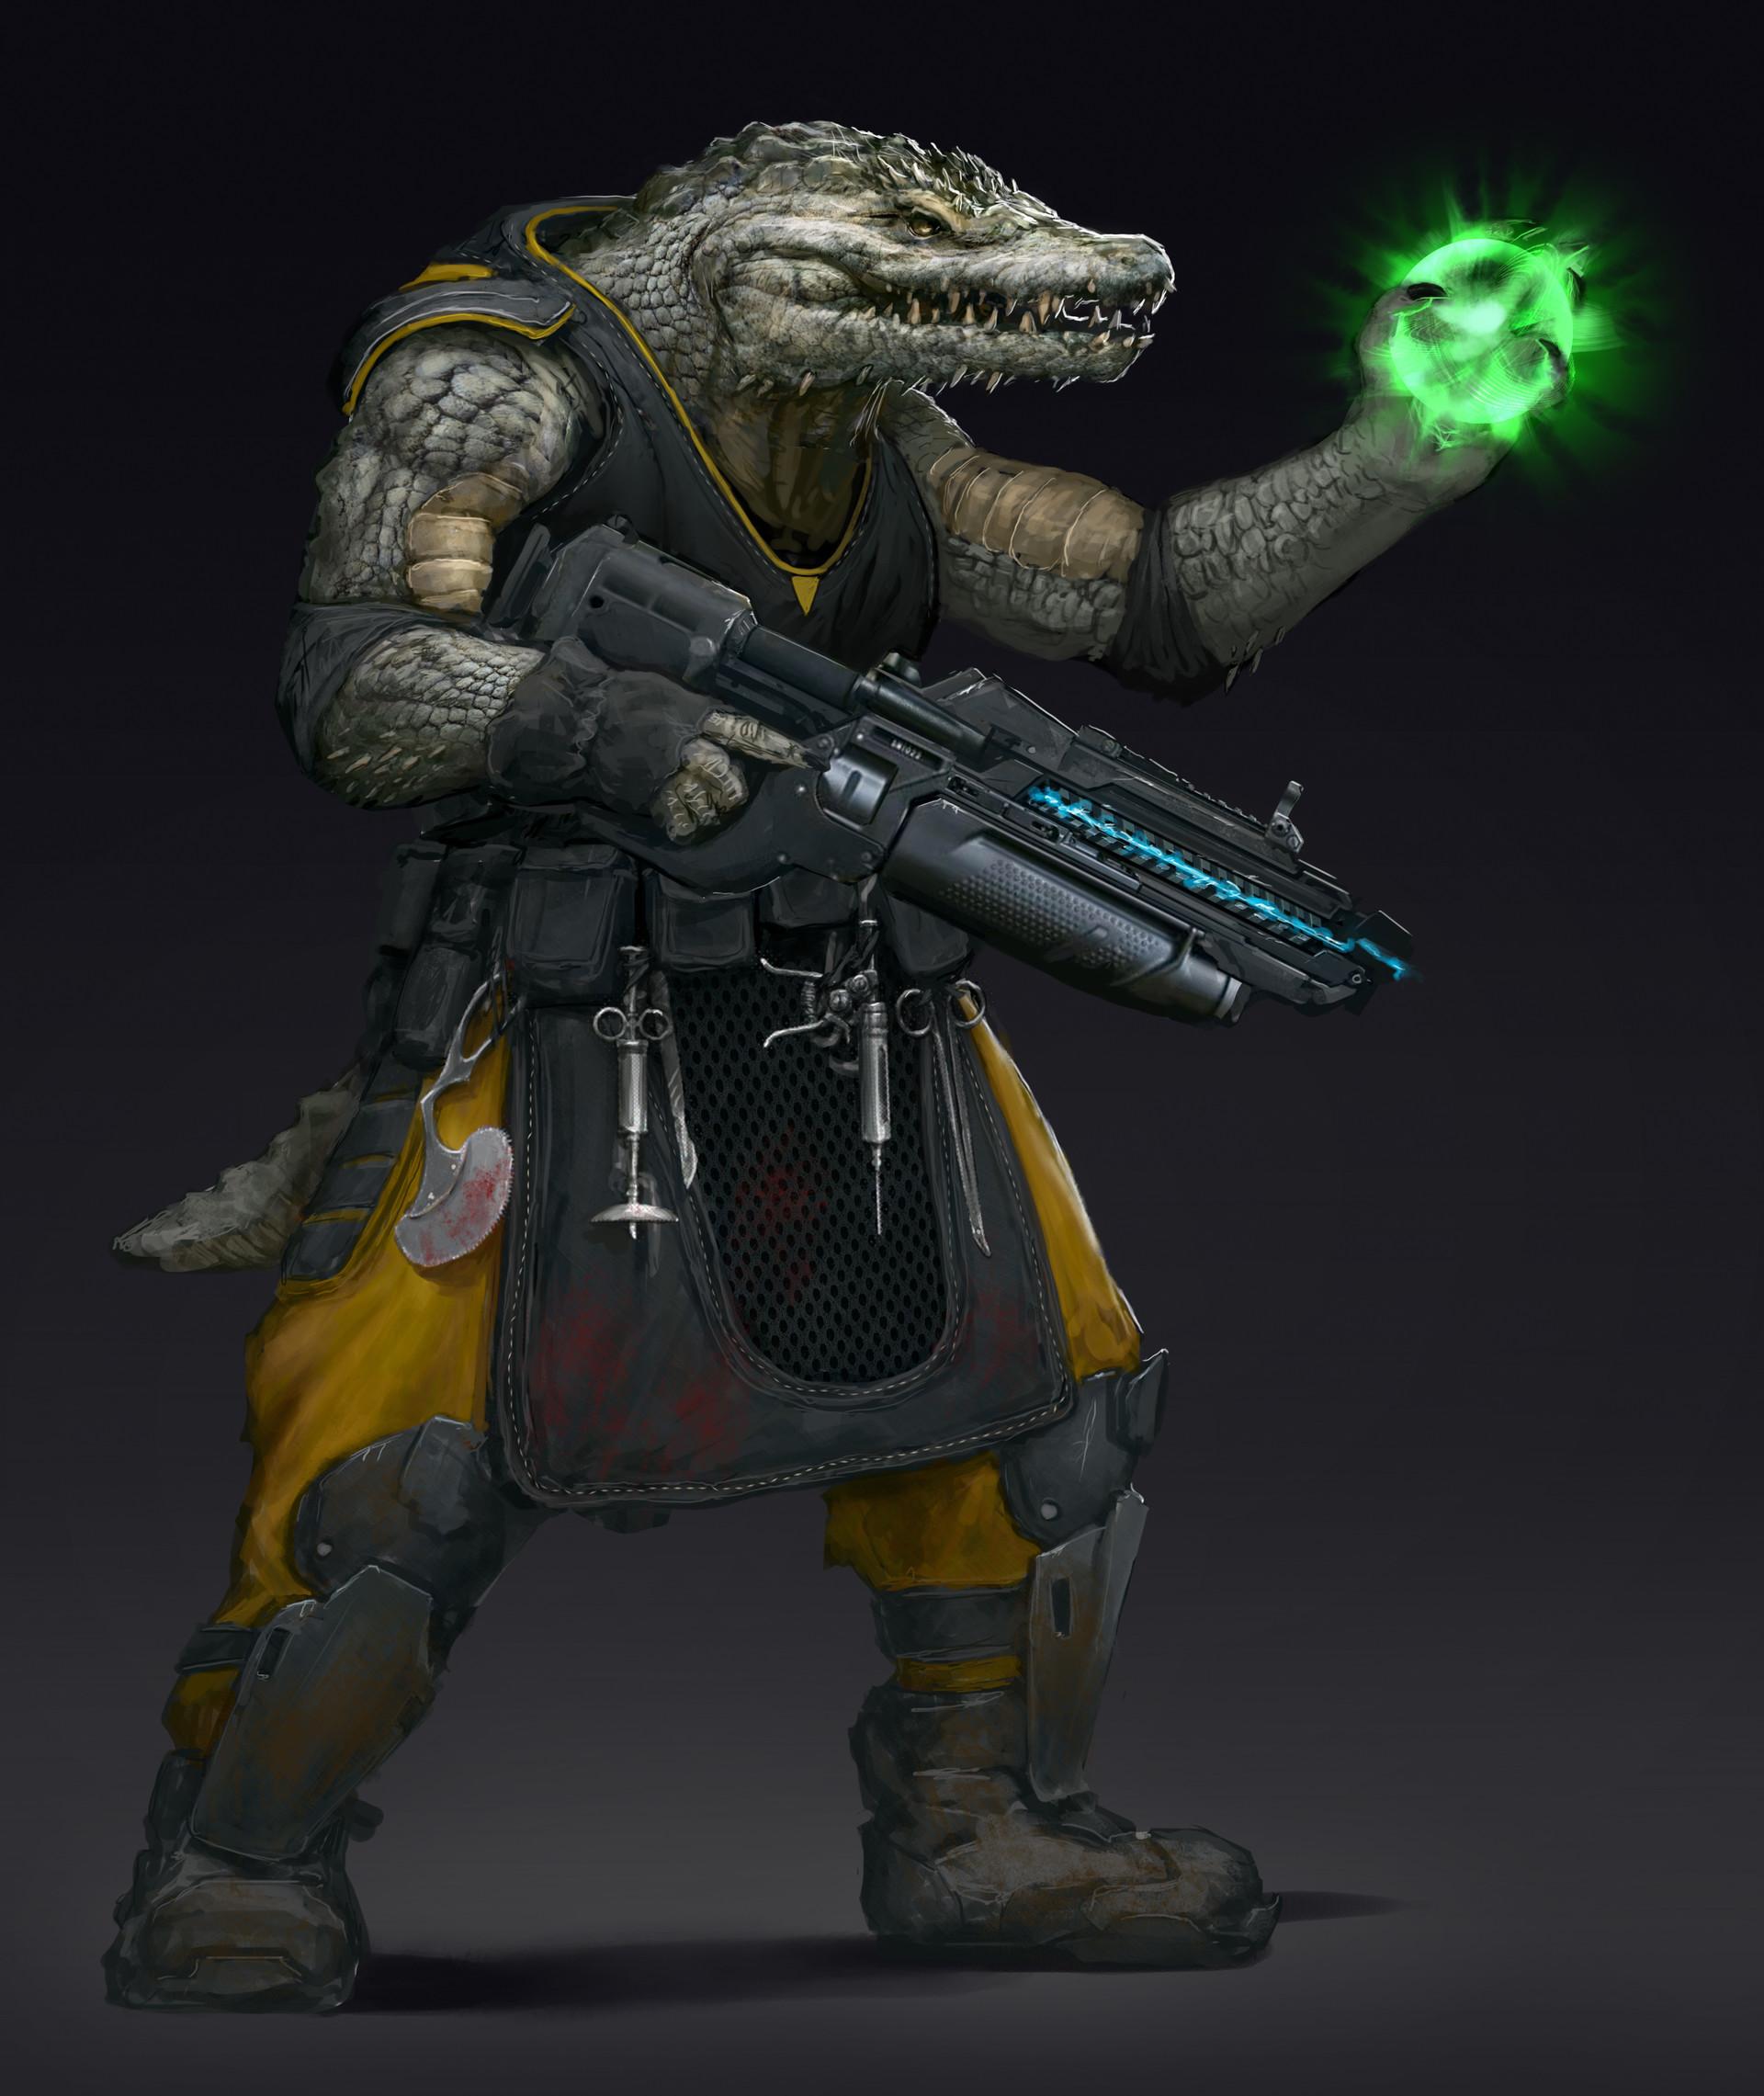 Lucas orstrom chief rebel concept 2